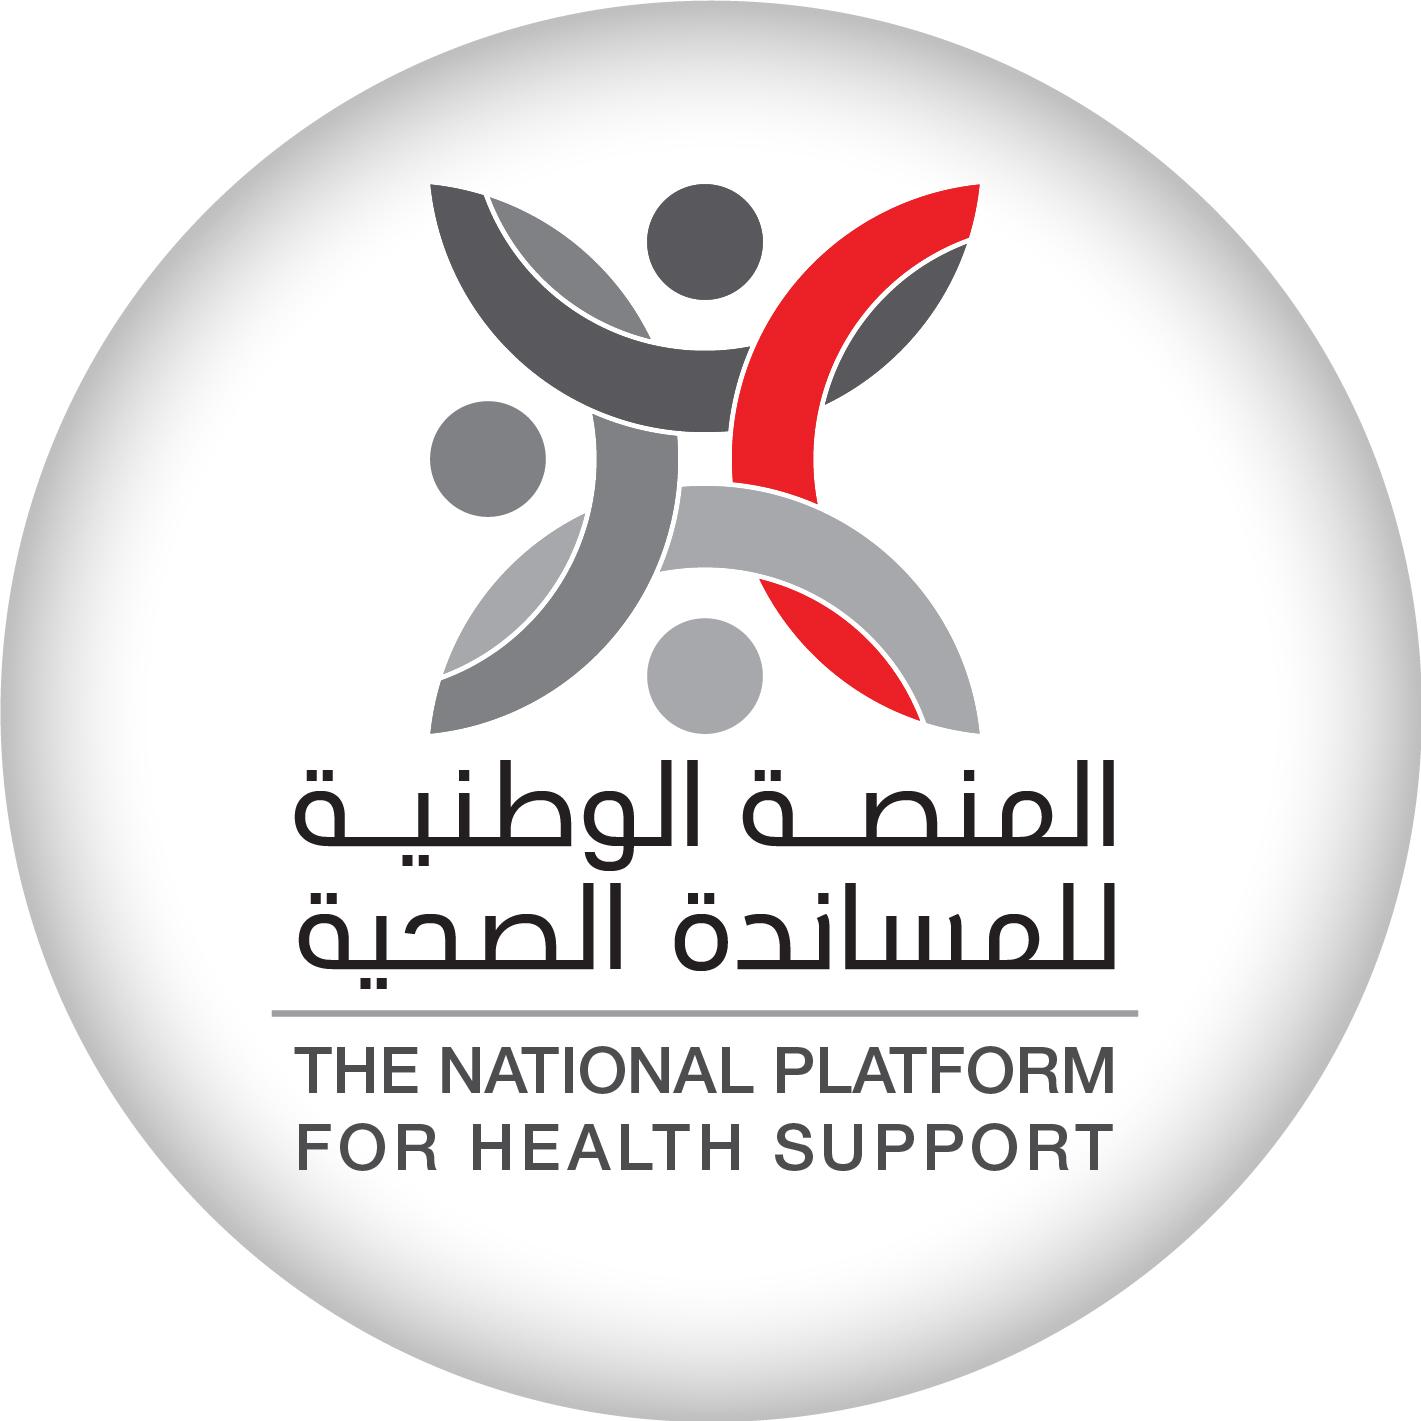 المنصة الوطنية للمساندة الصحية